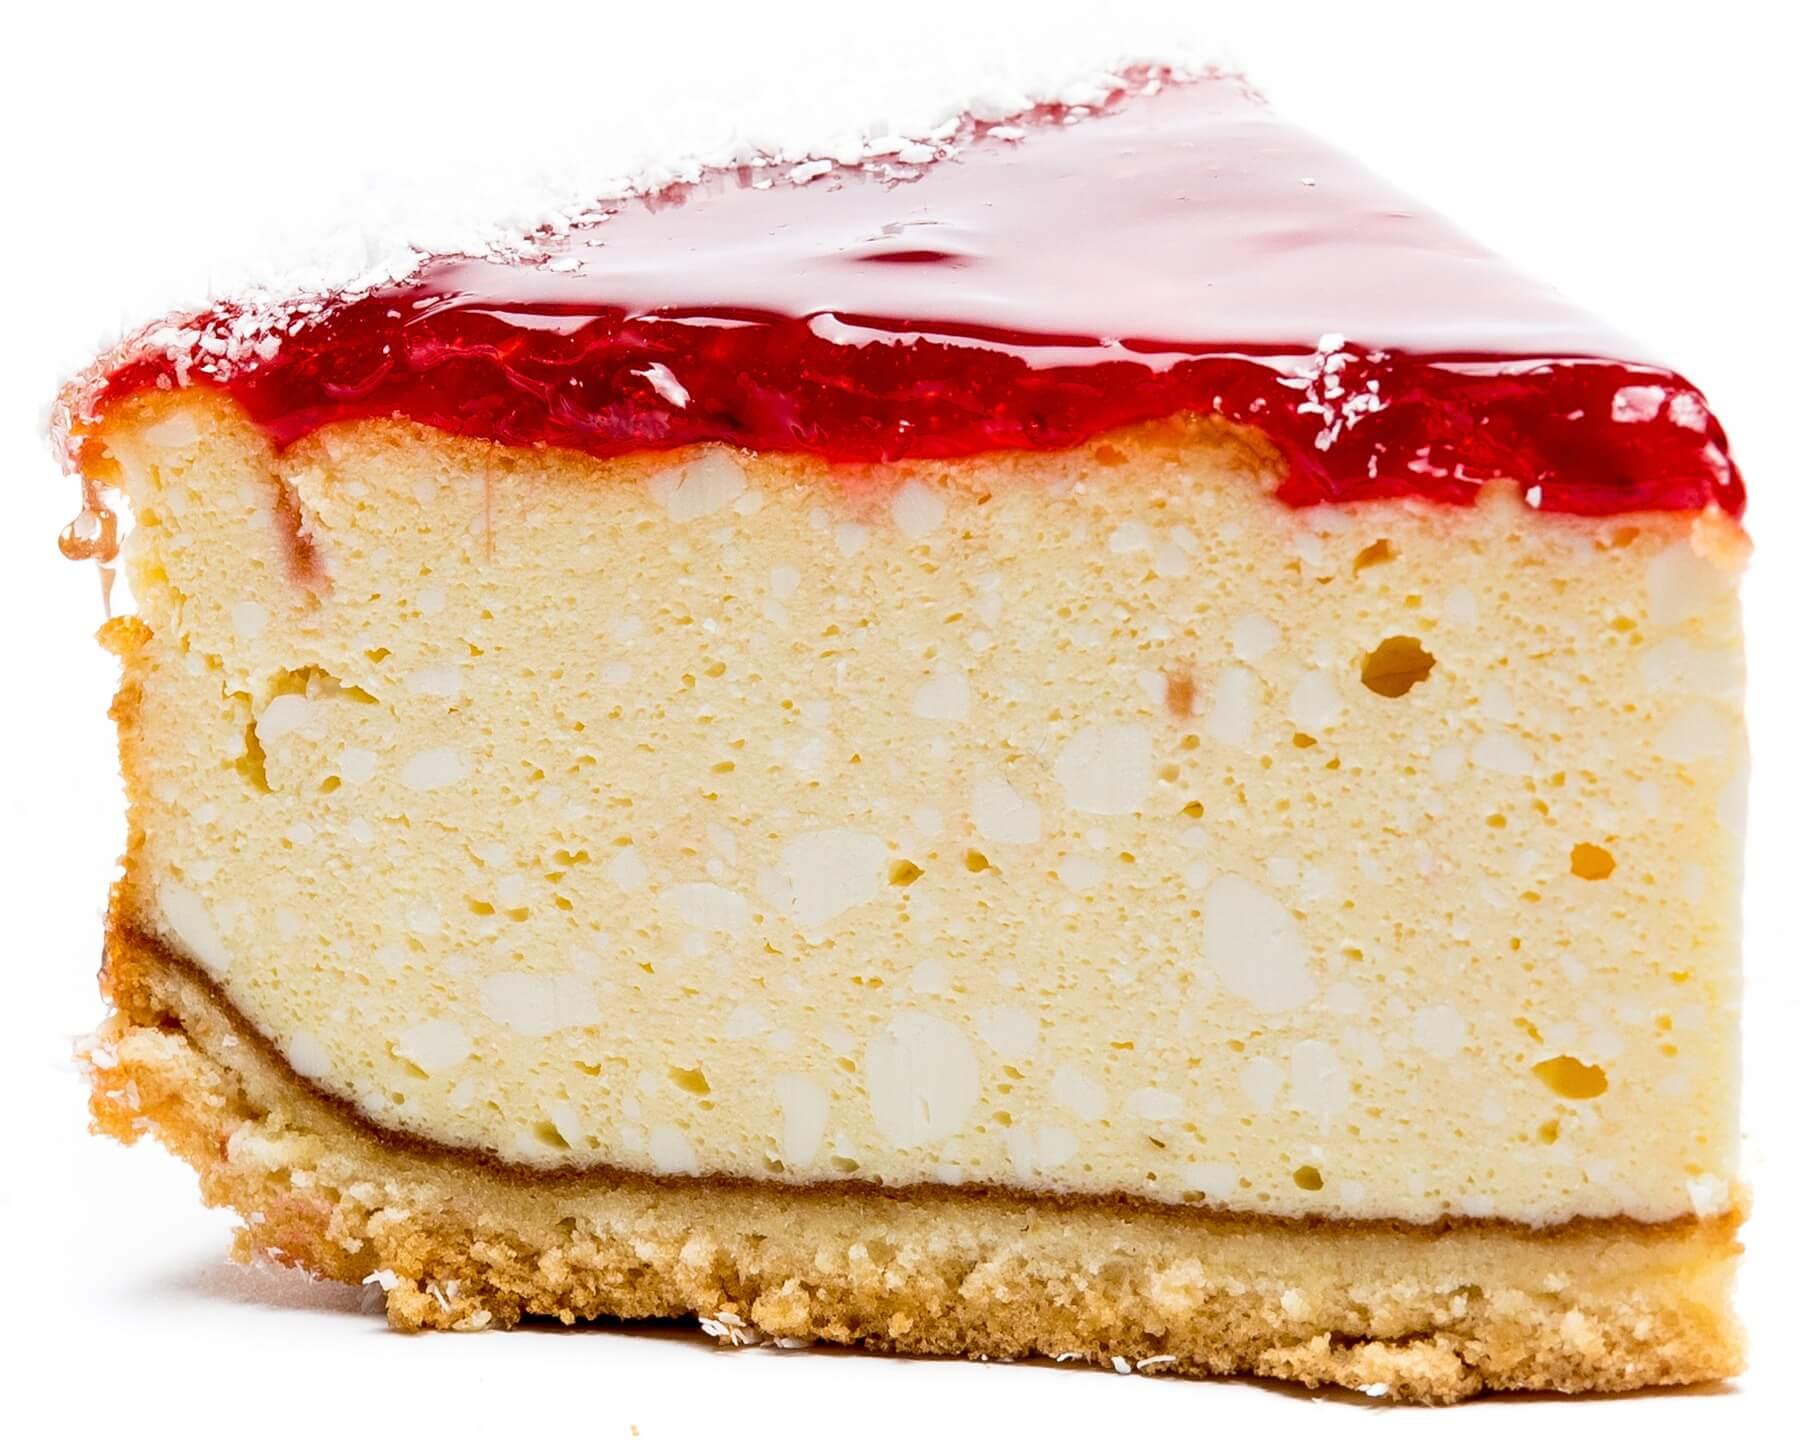 Пирожное бисквитно-творожное «Чизкейк с кусочками малины» фото 1